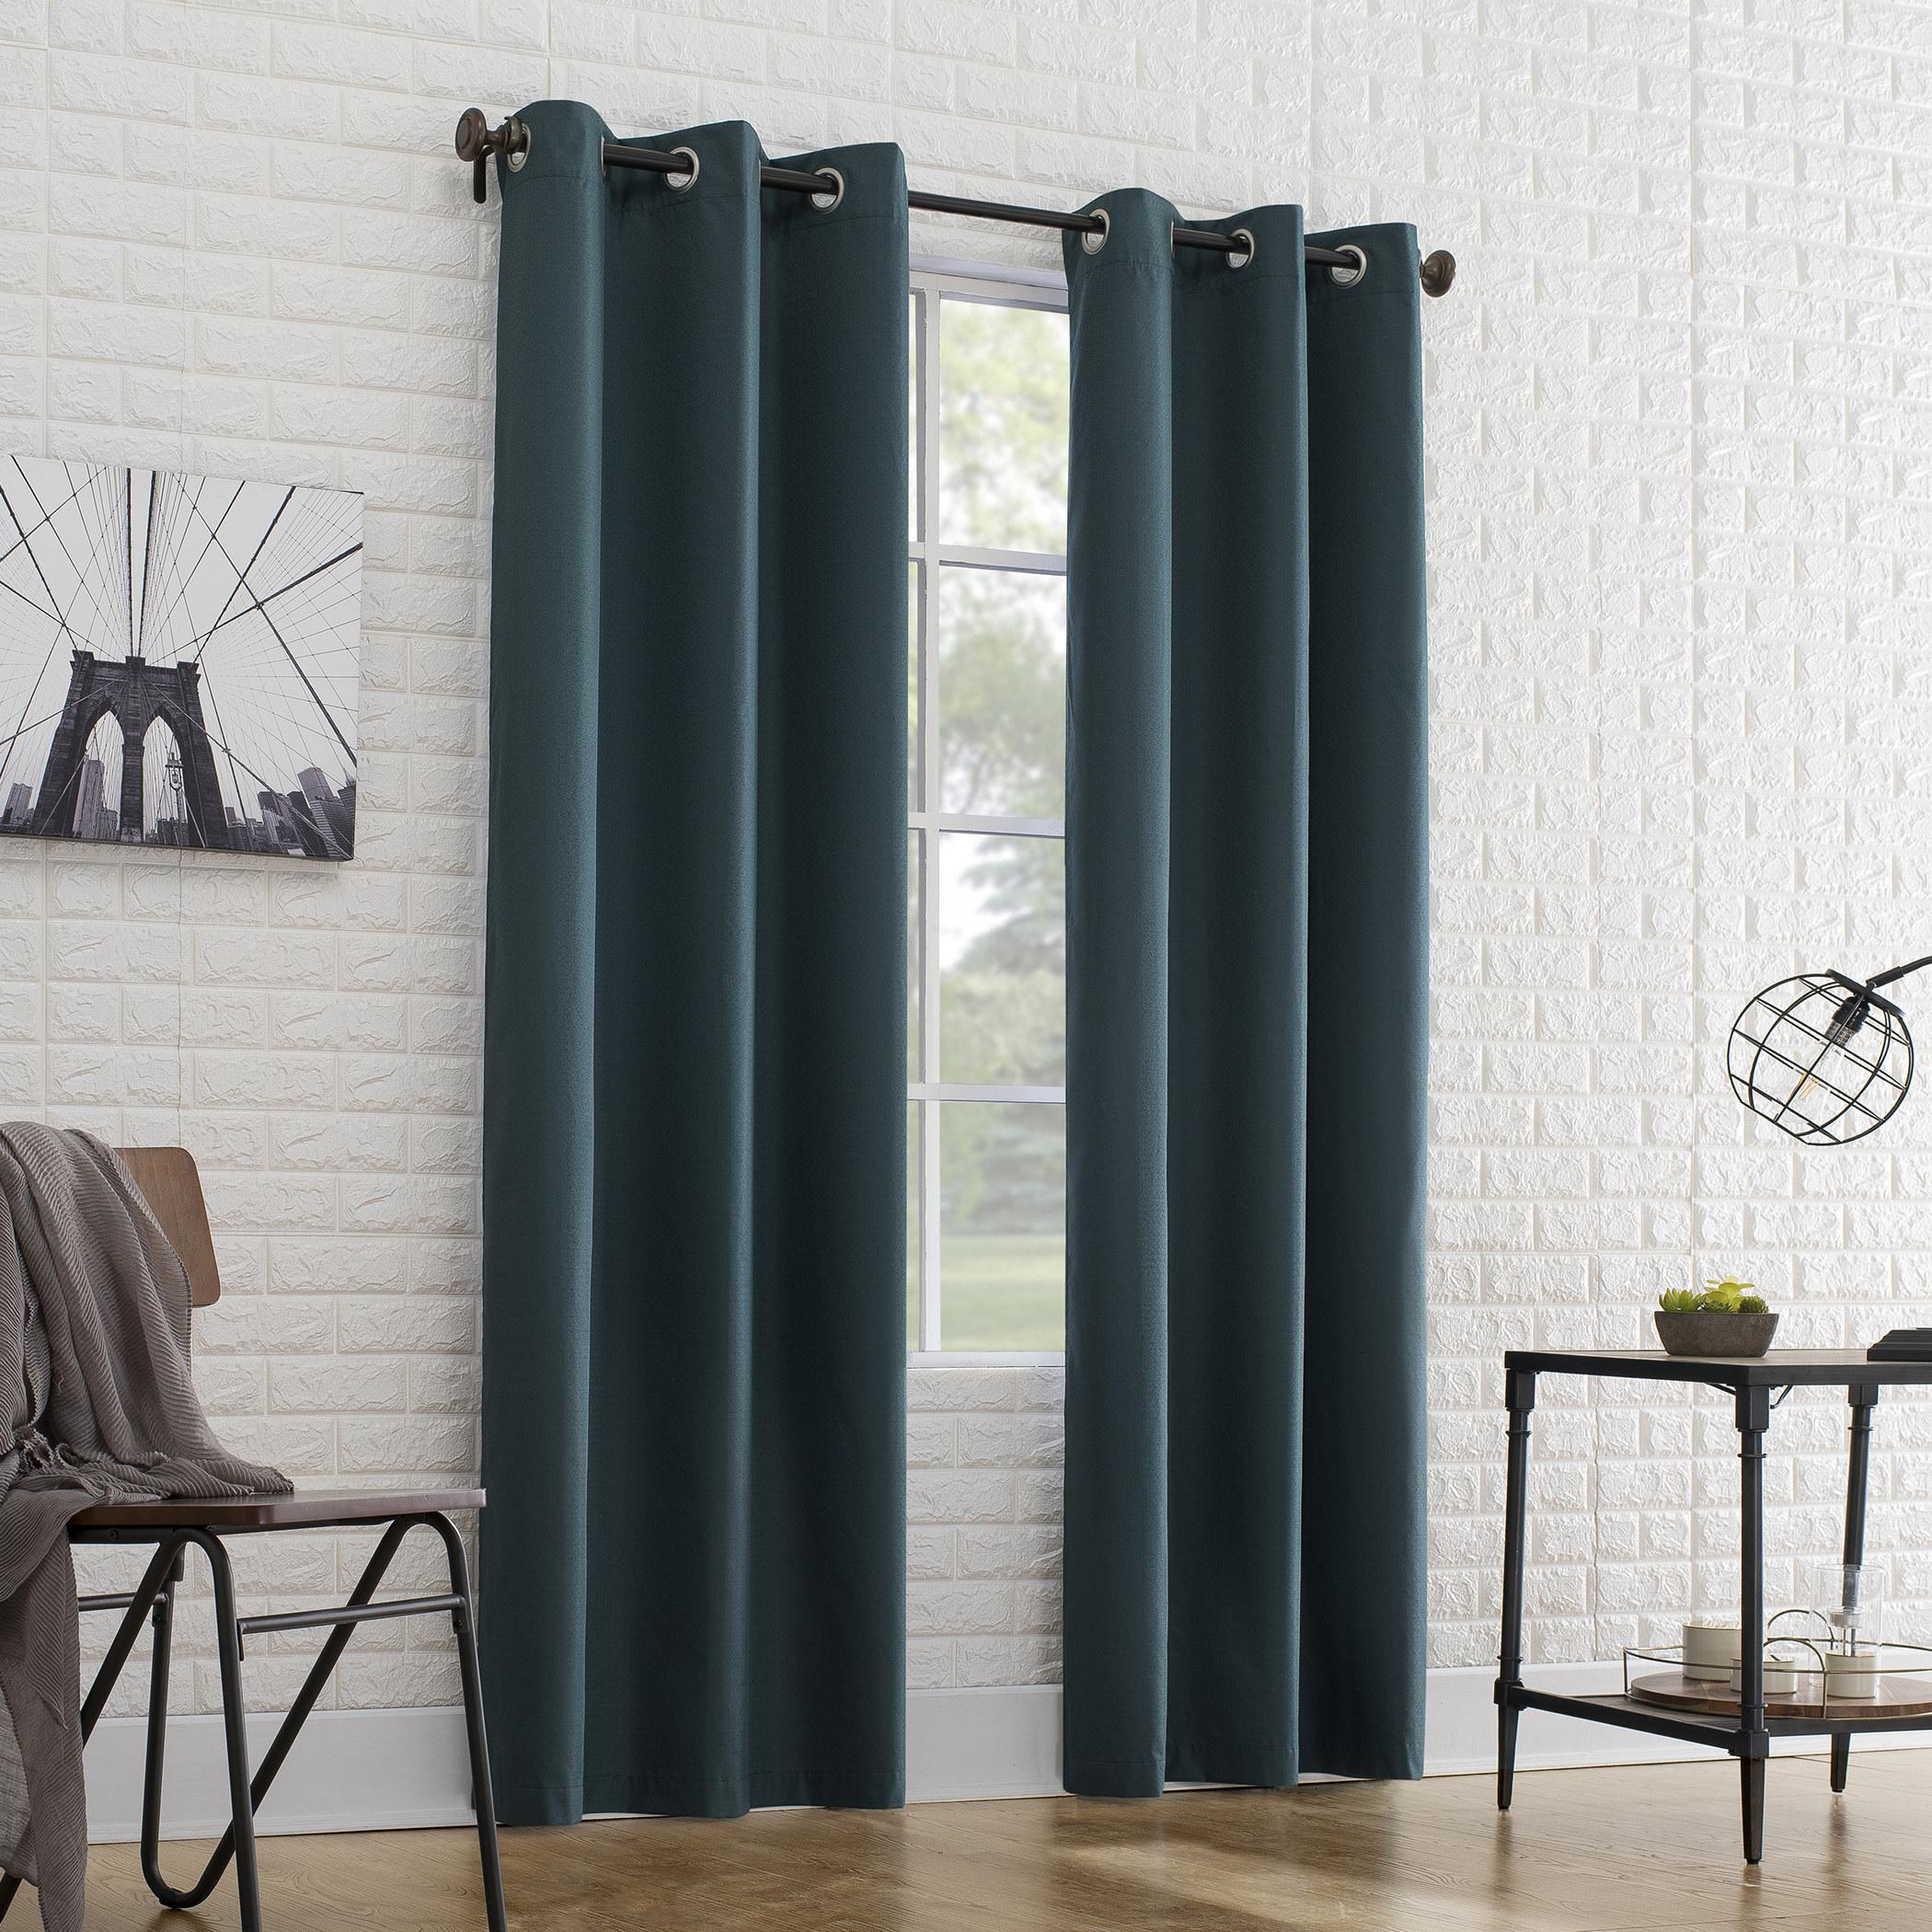 floor-length emerald curtains